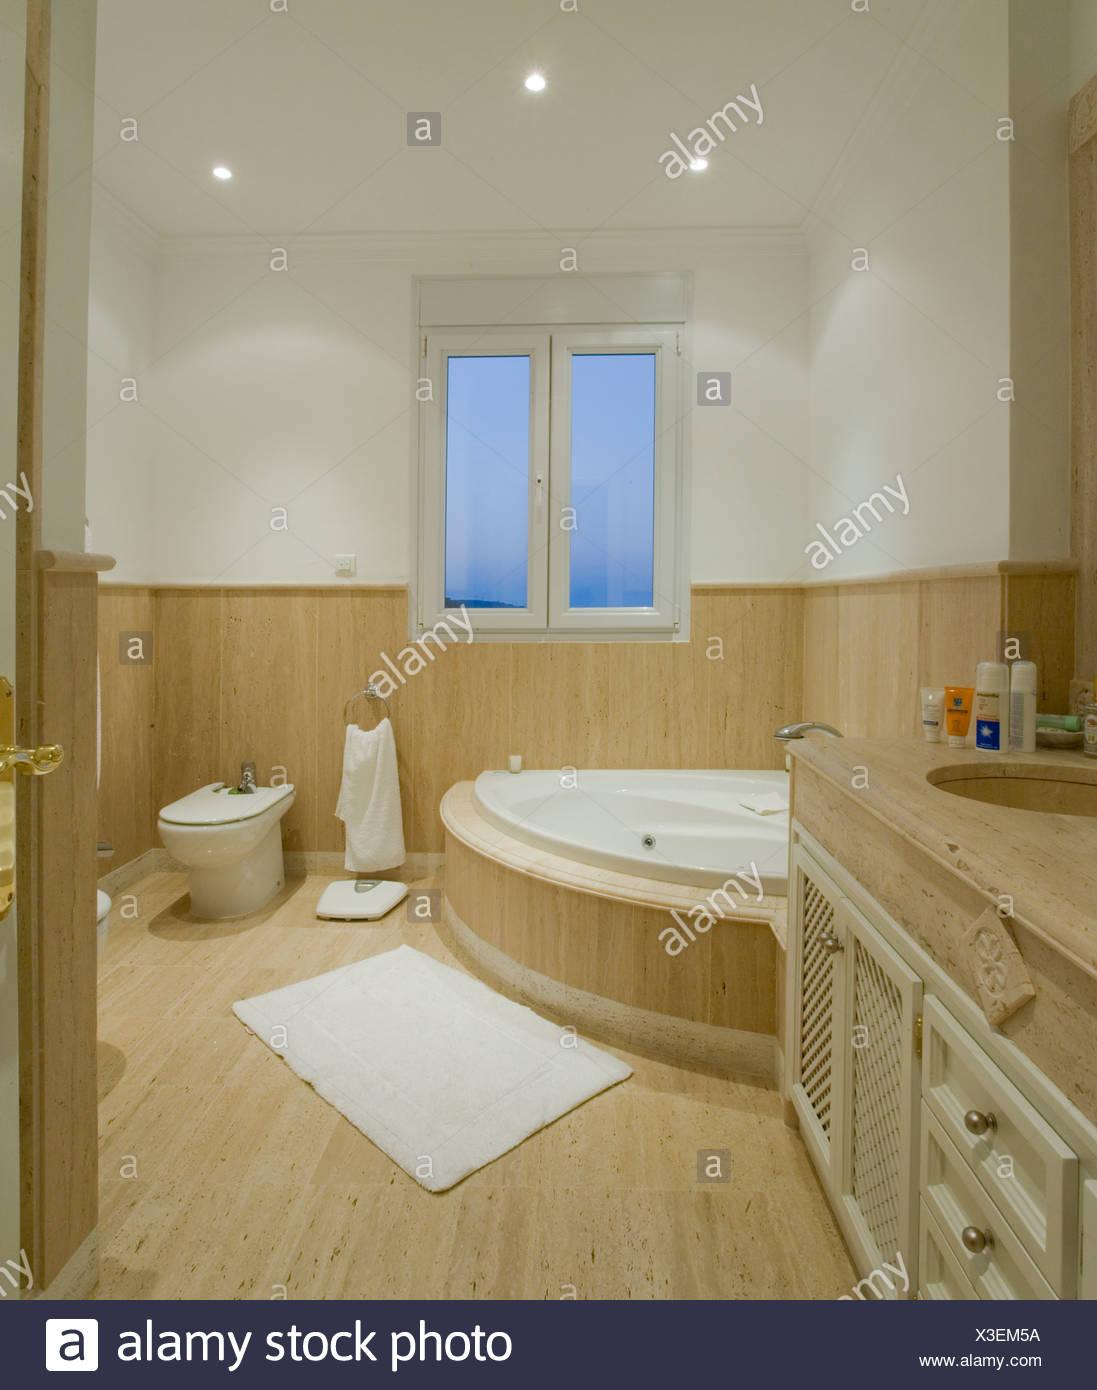 Bagno Con Vasca Angolare.Bagno Moderno Con Vasca Ad Angolo E Mezza Carenatura Su